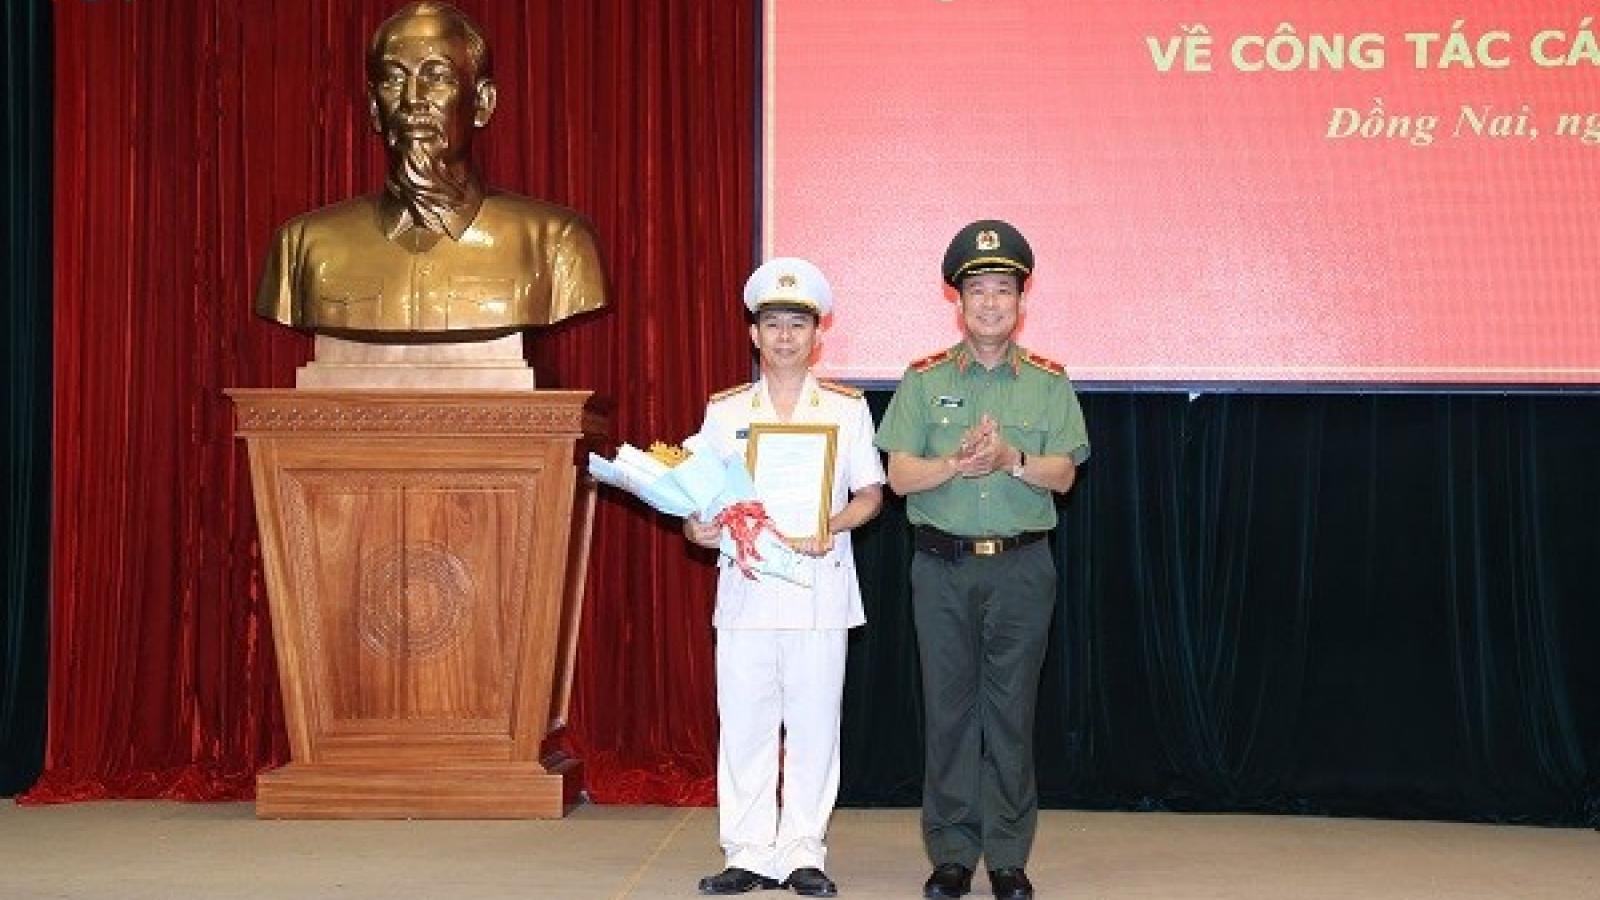 Đại tá Trần Tiến Đạt làm Phó Giám đốc Công an tỉnh Đồng Nai